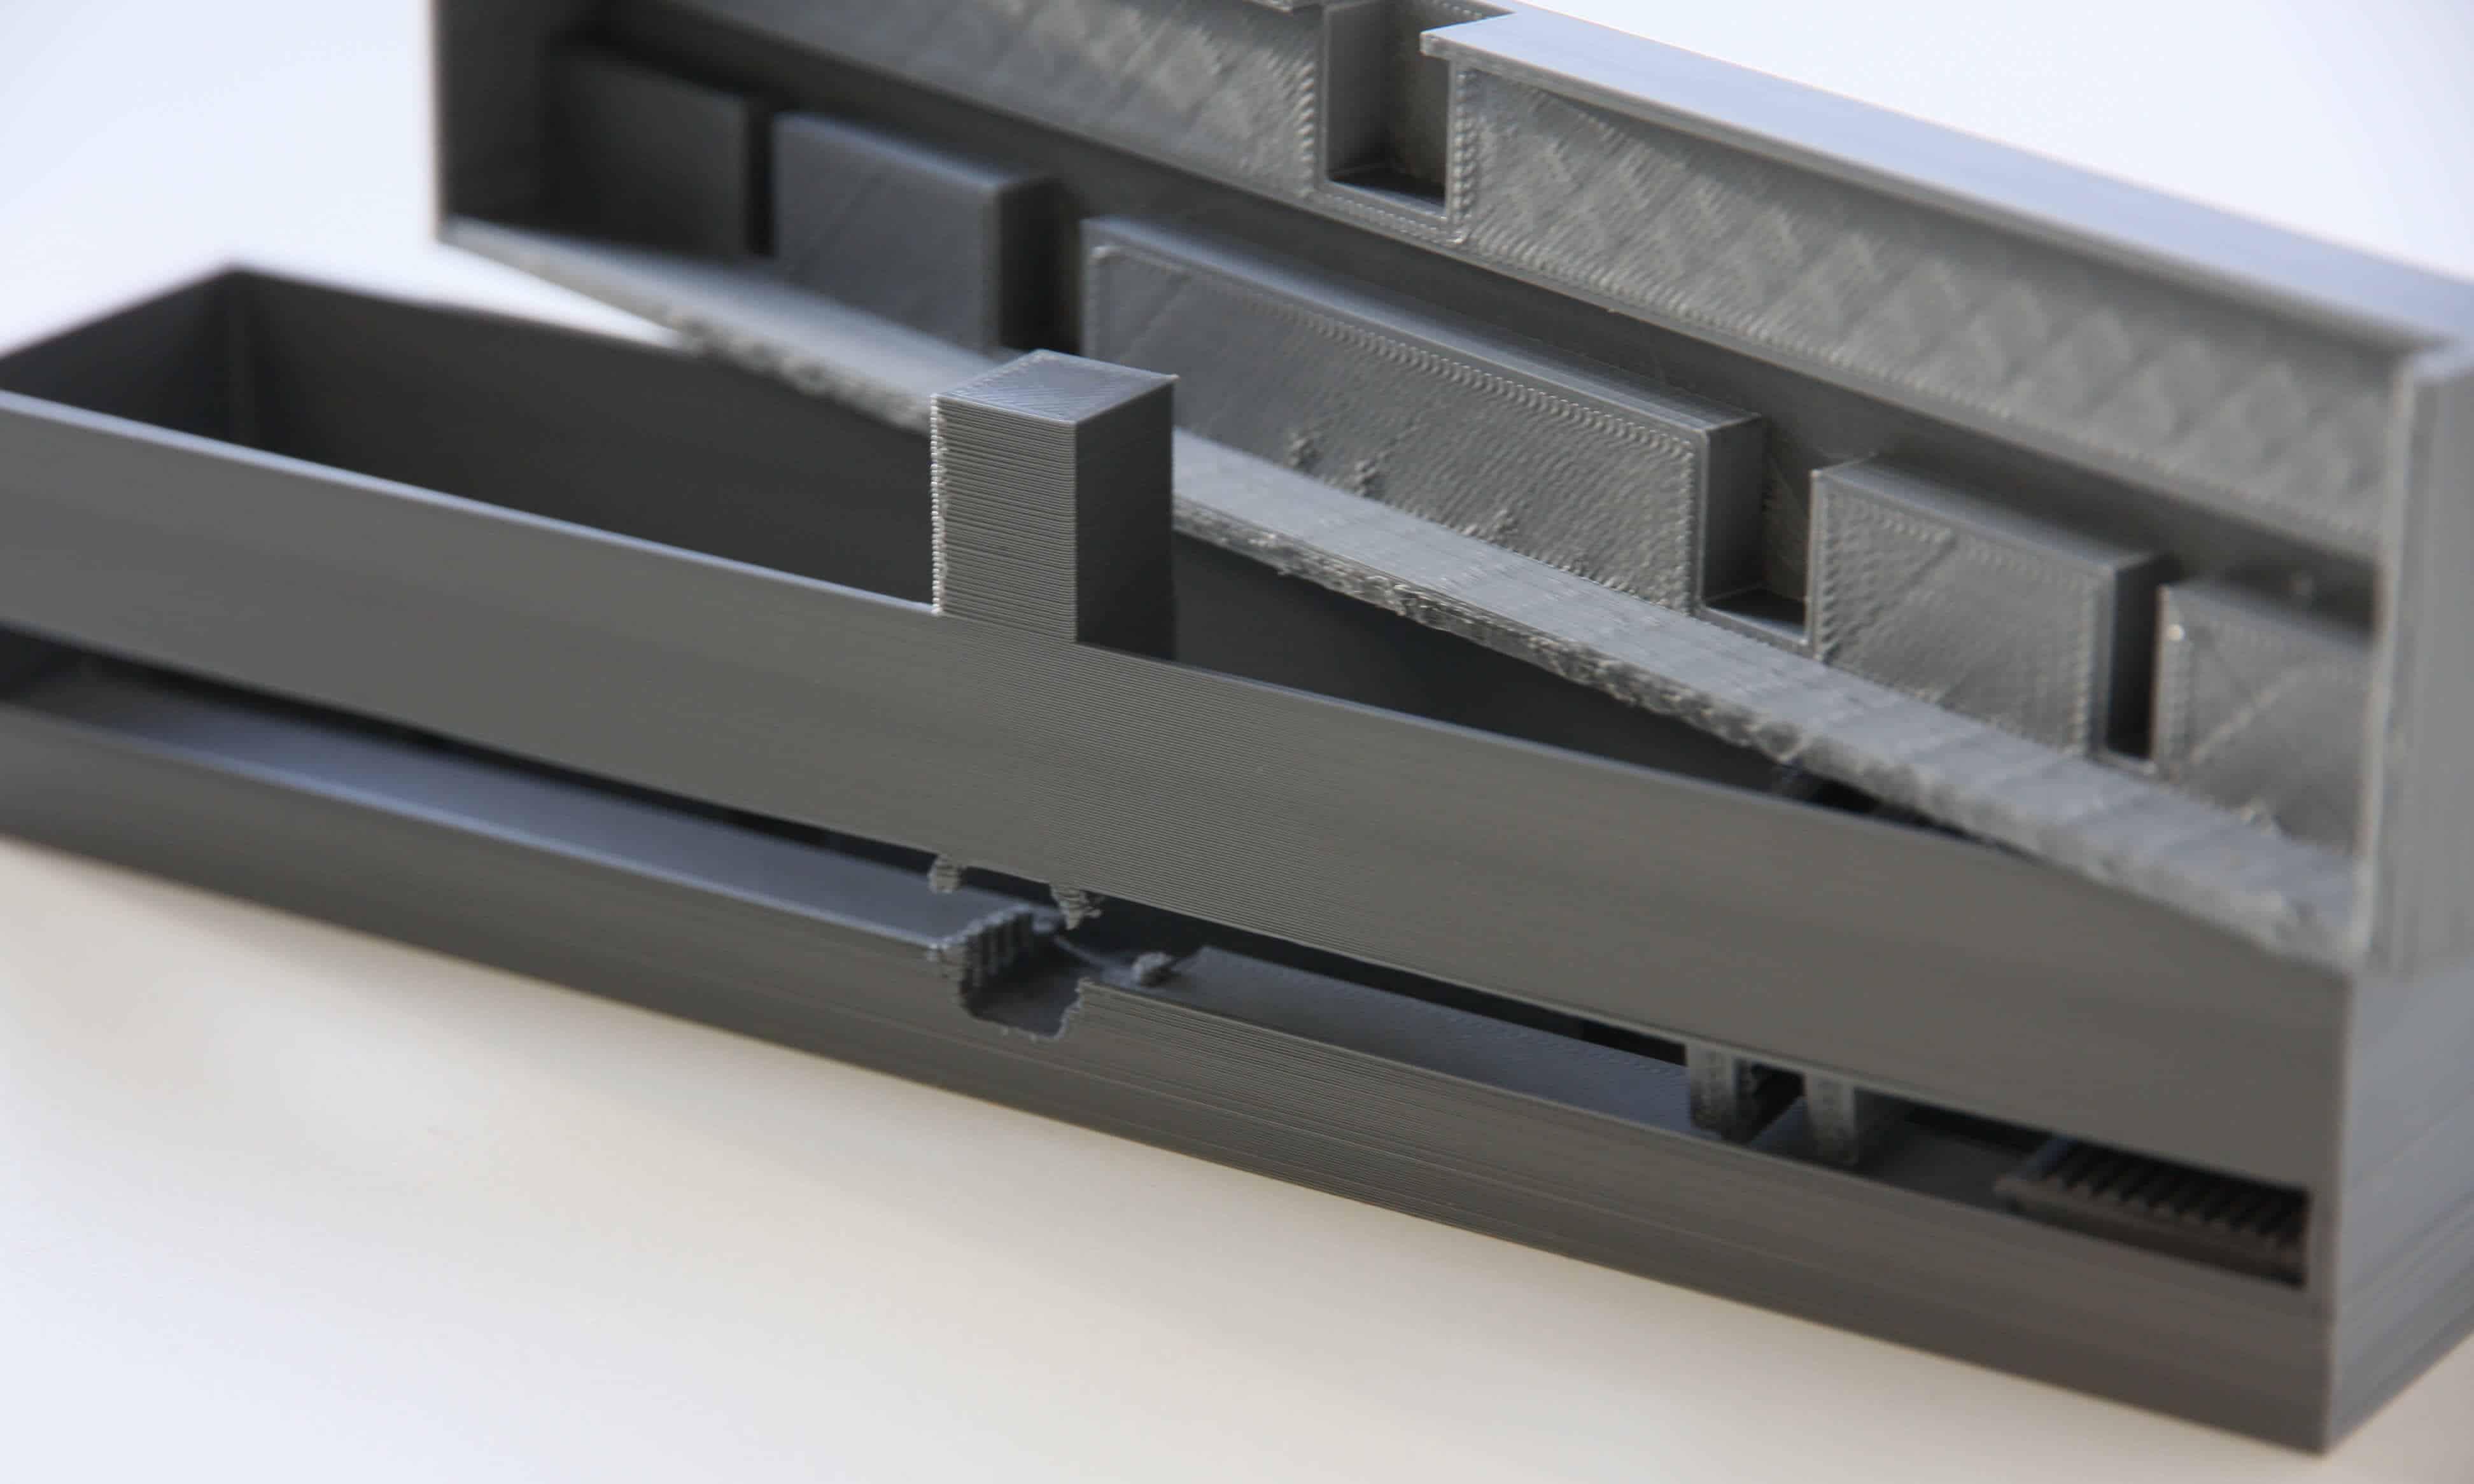 3D gedruckte Bauteile